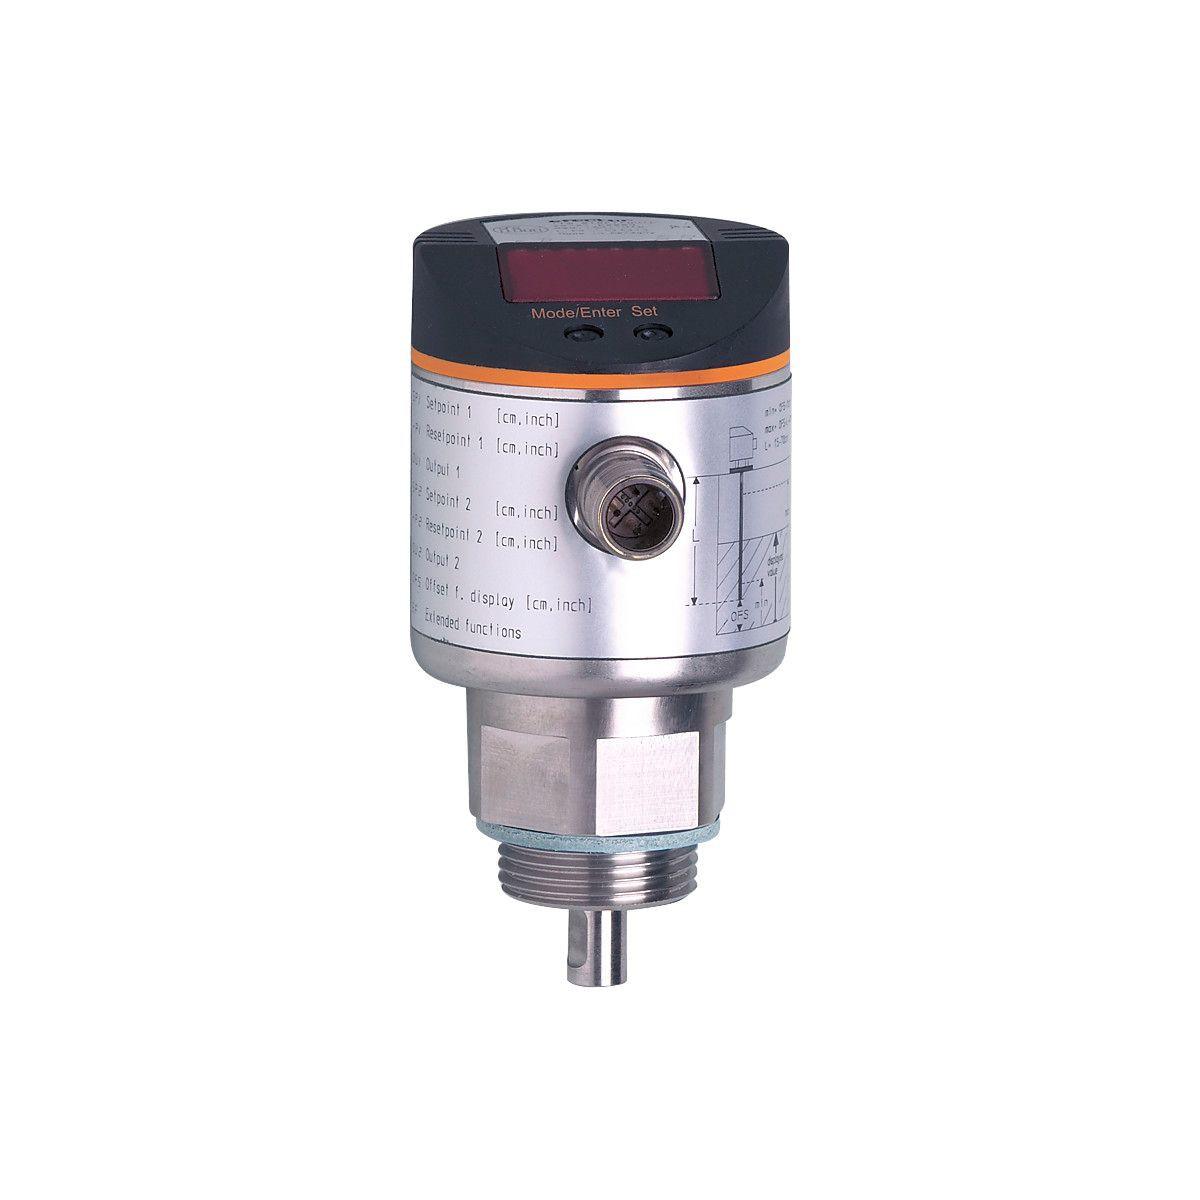 Ifm LR3000 LR0000B-BR34AMPKG/US Electronic Level Sensor